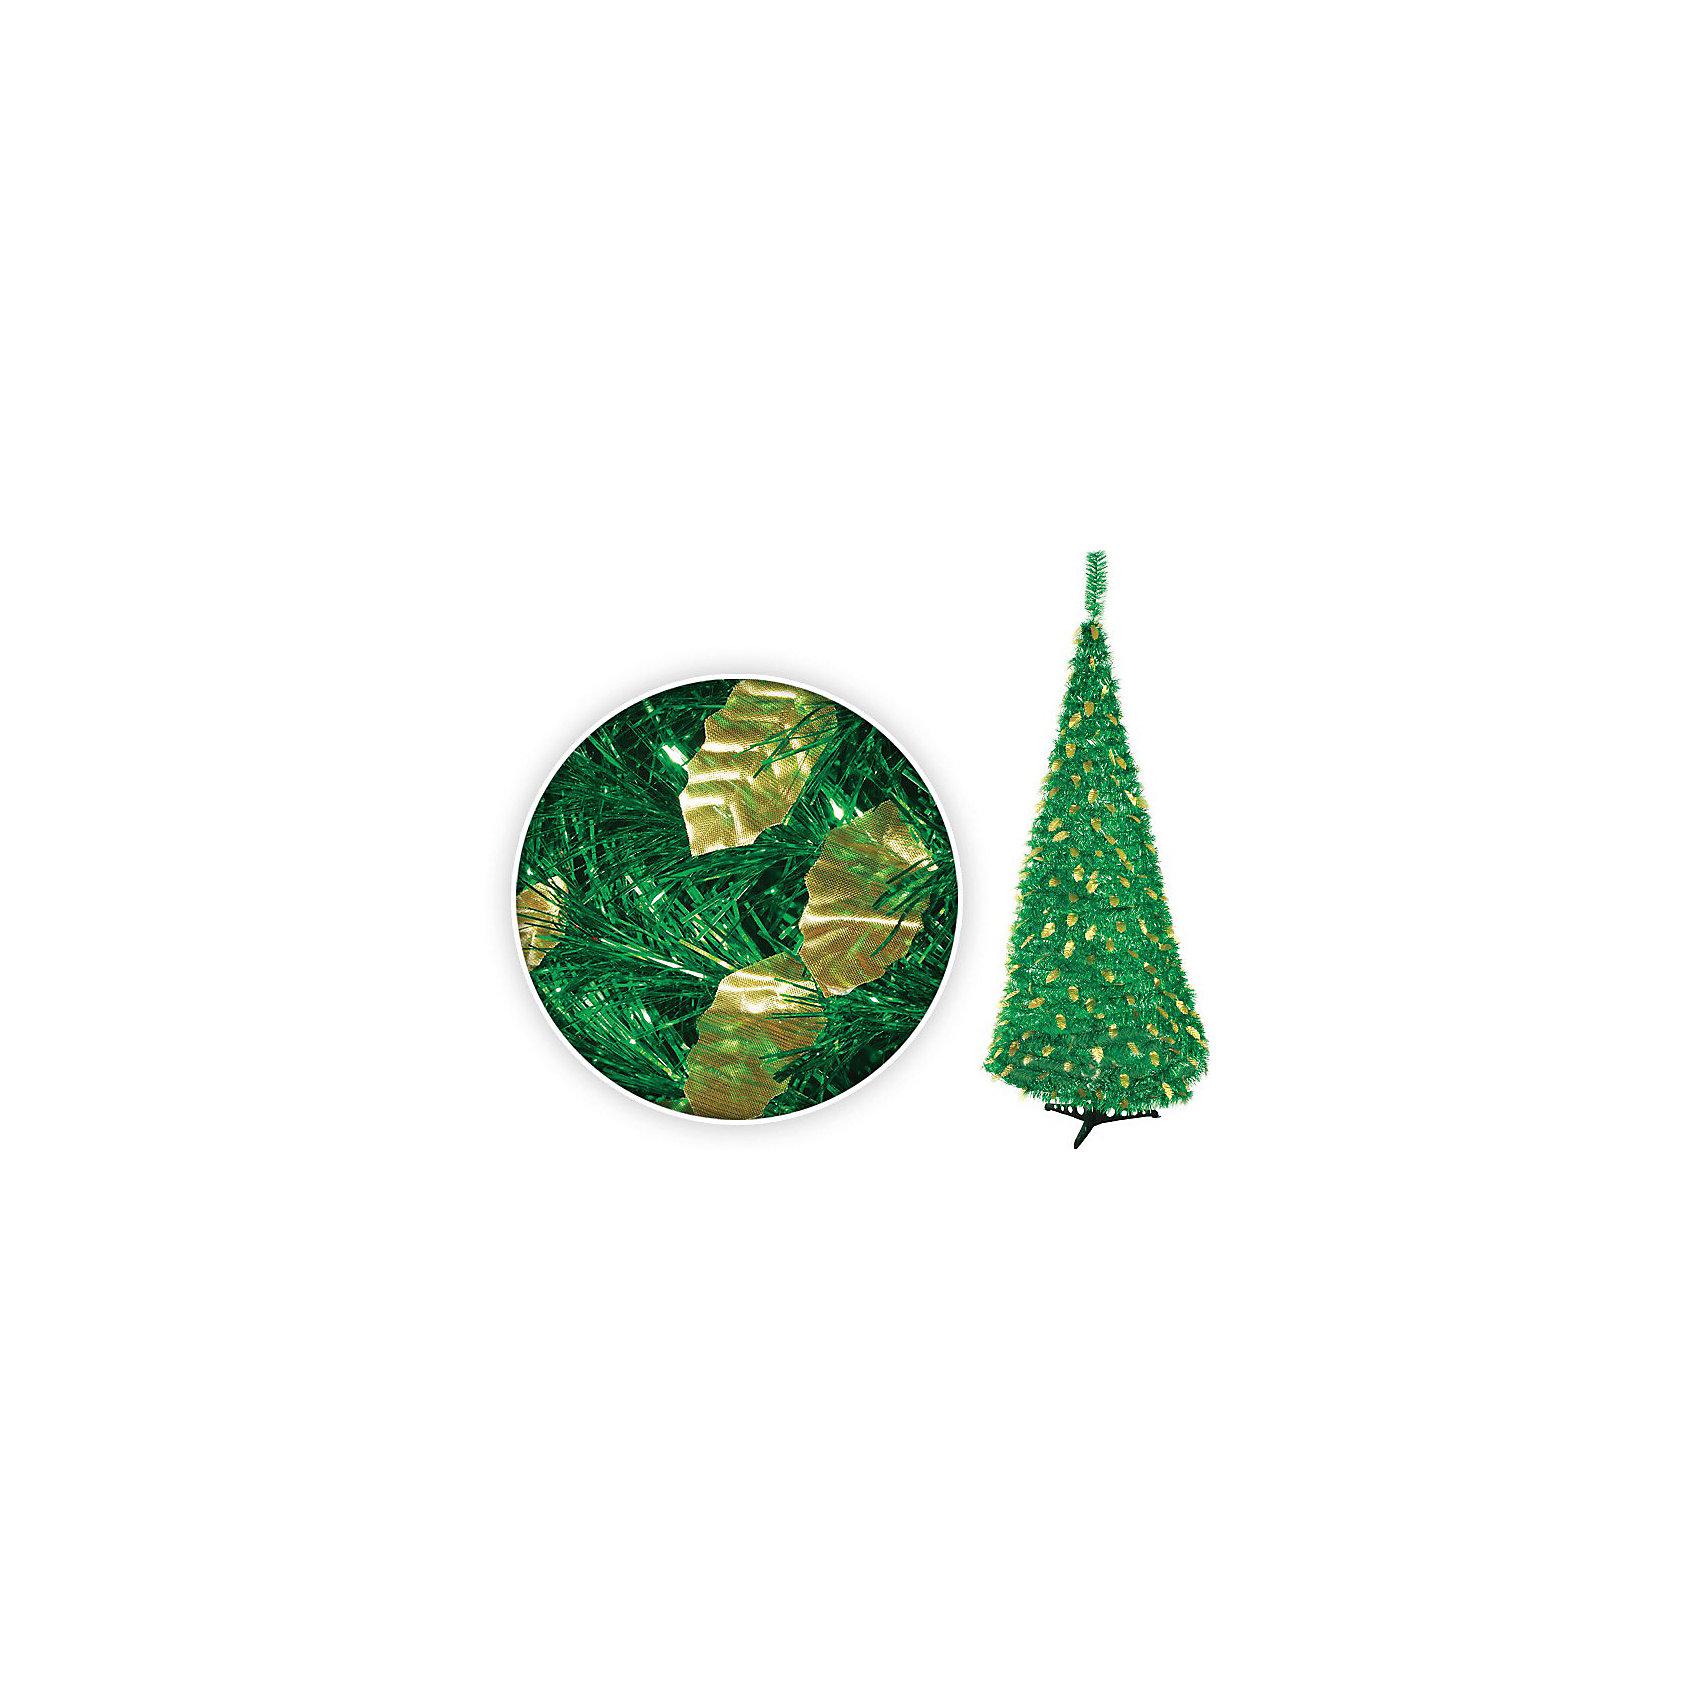 Ёлка фольгированная складная, 120 см, ЗЕЛЁНАЯЁлка фольгированная складная (зеленая). Очень оригинальная елка, украшенная листочками из золотой фольги. Прекрасная новогодняя красавица принесет праздничное настроение в любой дом.<br><br>Дополнительная информация:<br><br>- Материал: пластик, фольга, металл<br>- Цвет в ассортименте: зеленый, золотой<br>- Размер: 120 см<br>- Устойчивая металлическая подставка<br><br>Фольгированную складную елку  можно купить в нашем магазине.<br><br>Ширина мм: 983<br>Глубина мм: 100<br>Высота мм: 100<br>Вес г: 983<br>Возраст от месяцев: 36<br>Возраст до месяцев: 216<br>Пол: Унисекс<br>Возраст: Детский<br>SKU: 3822101